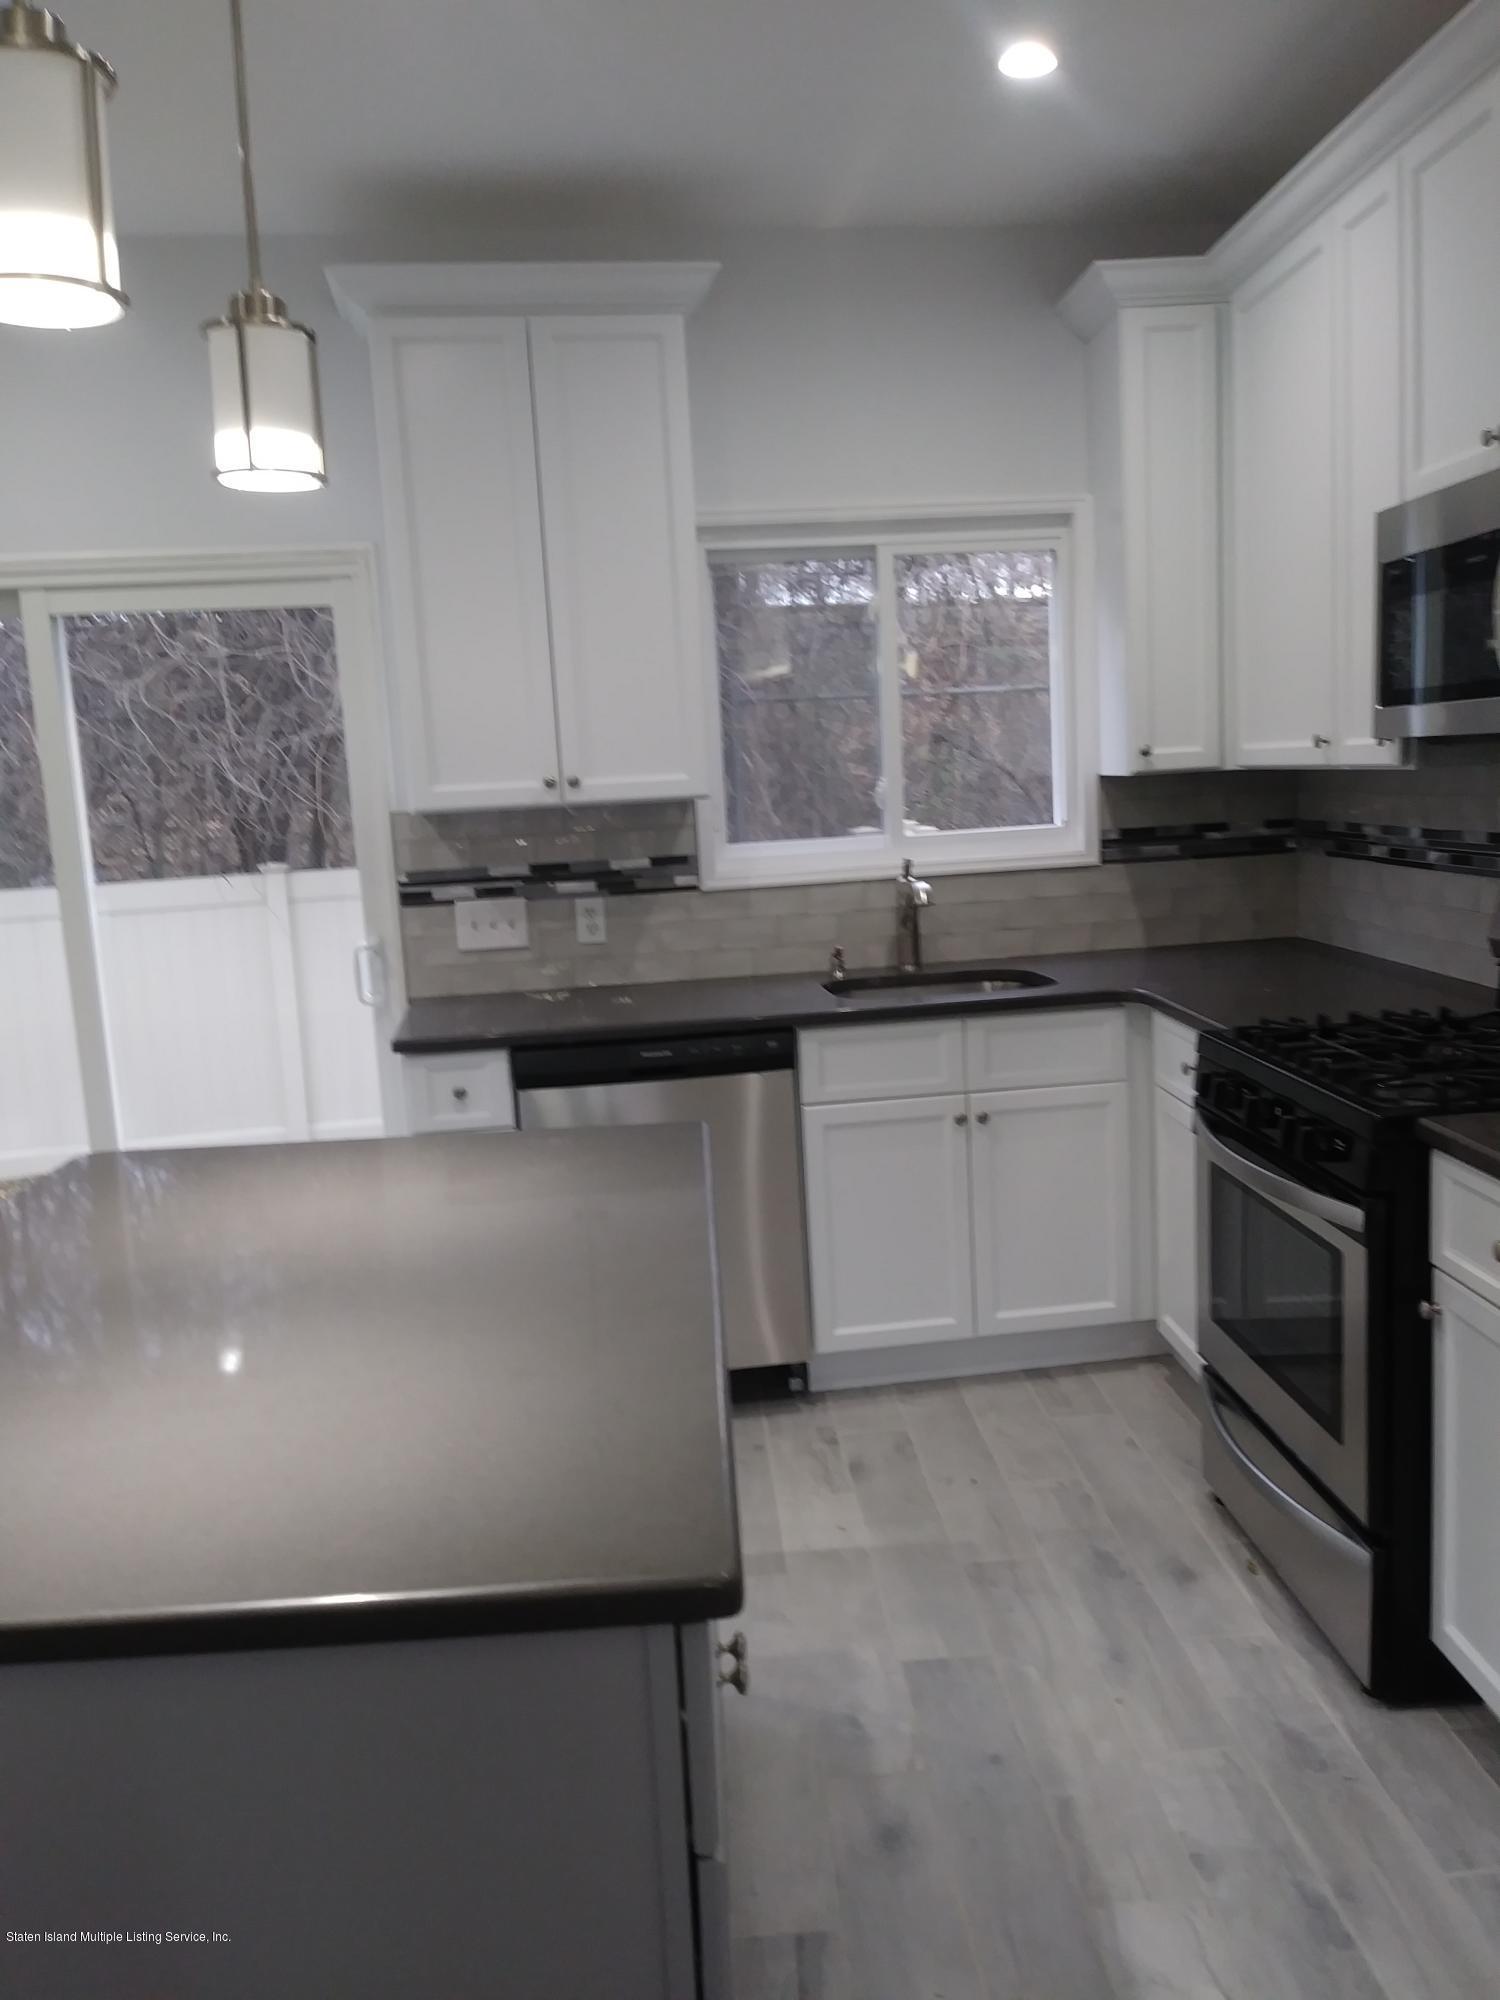 Single Family - Attached 8 Penton Street  Staten Island, NY 10309, MLS-1125381-6